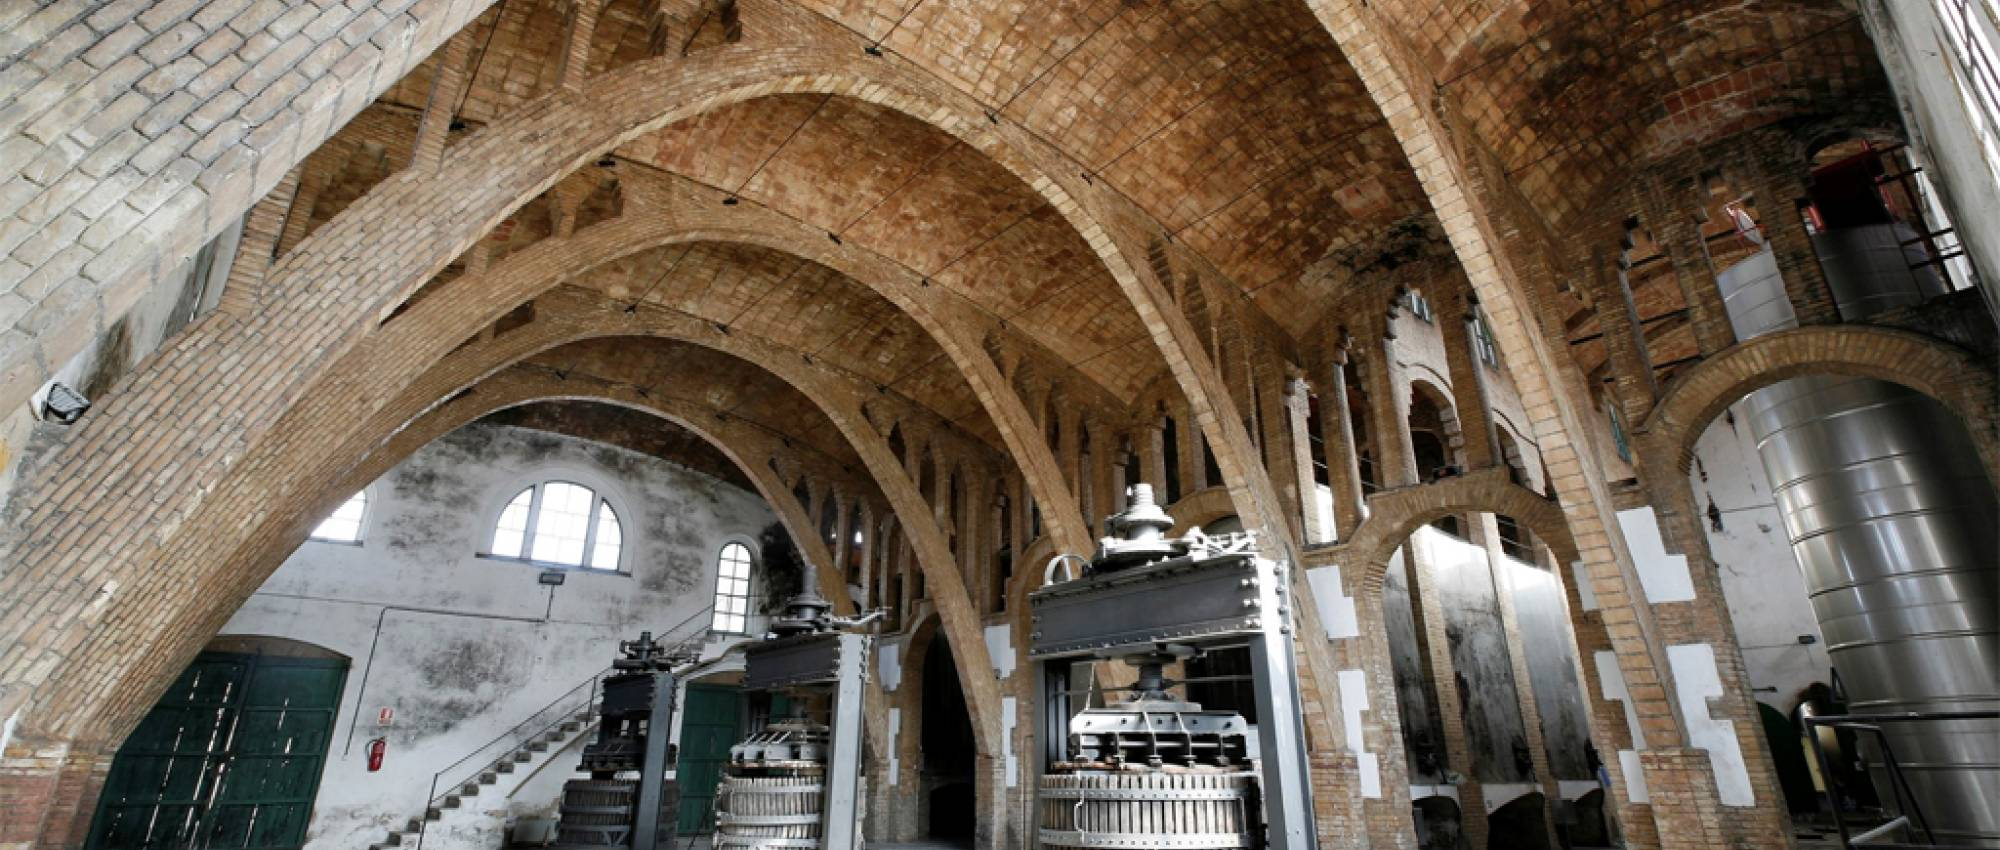 Vista de la volta de la nau de maó pla. Josep Giribet / D.G. del Patrimoni Cultural. CC BY-NC-ND 2.0